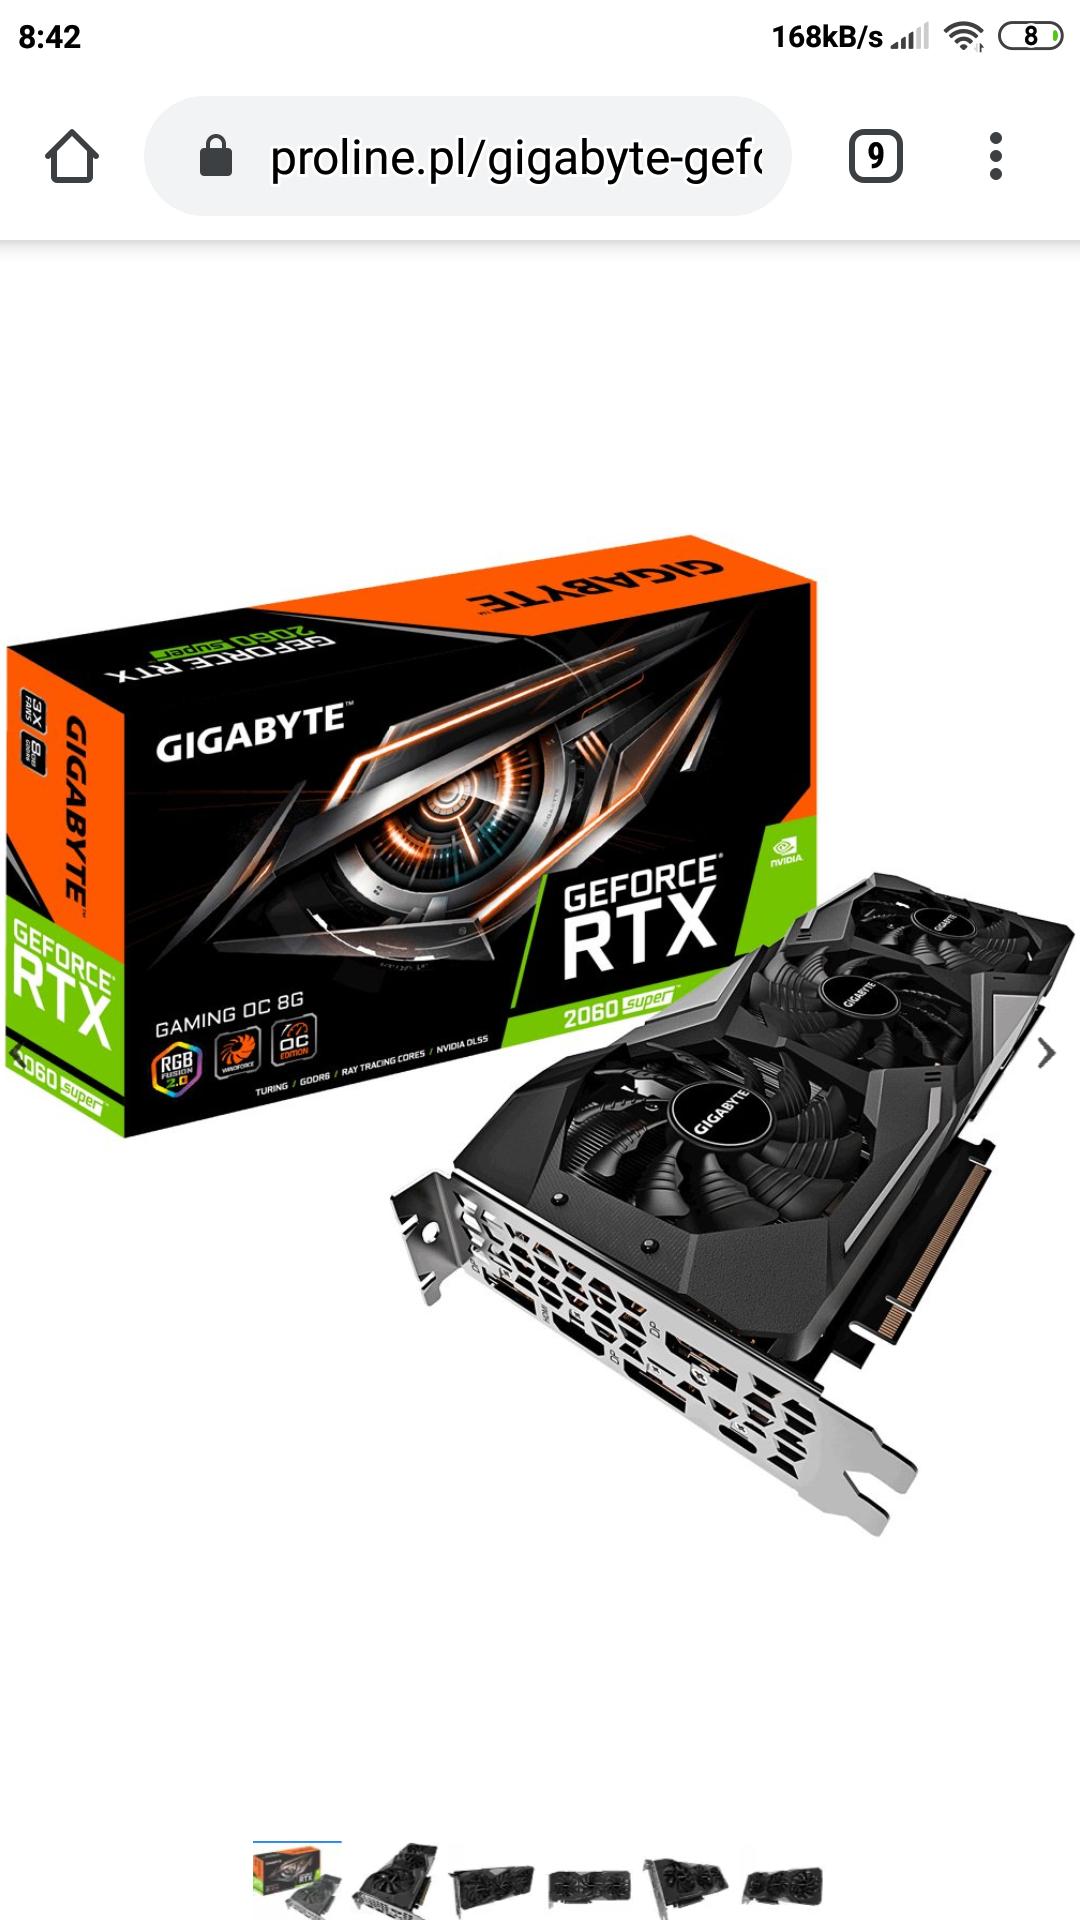 Rtx 2060 super gigabyte